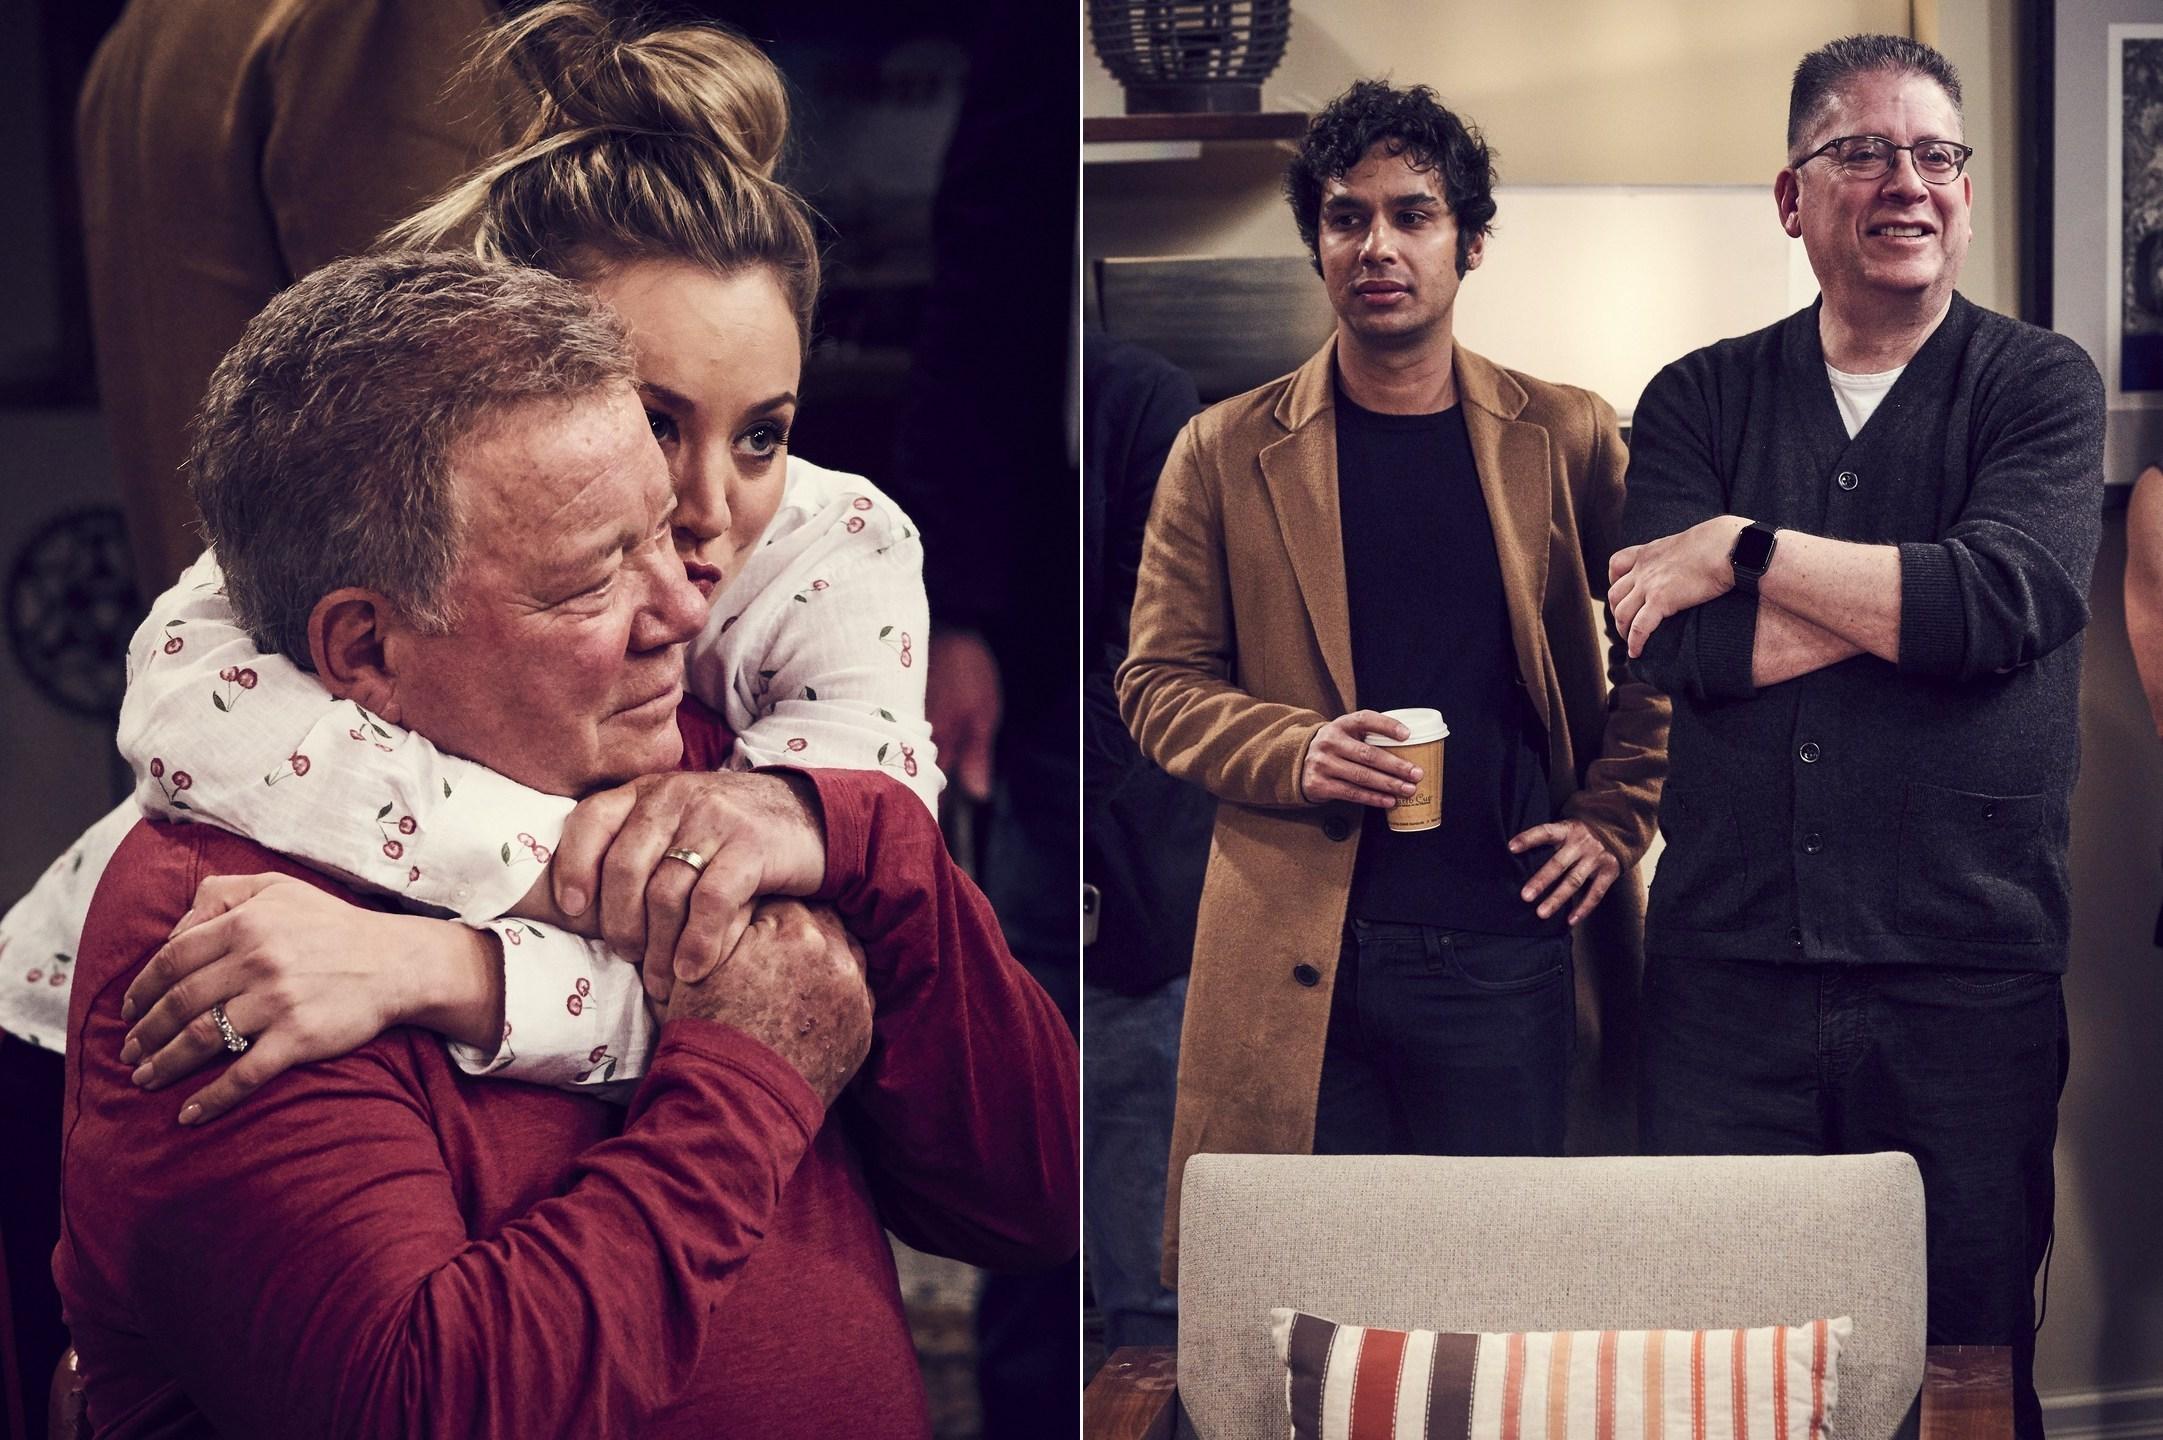 Joe Pugliese | Behind The Scenes | The Big Bang Theory